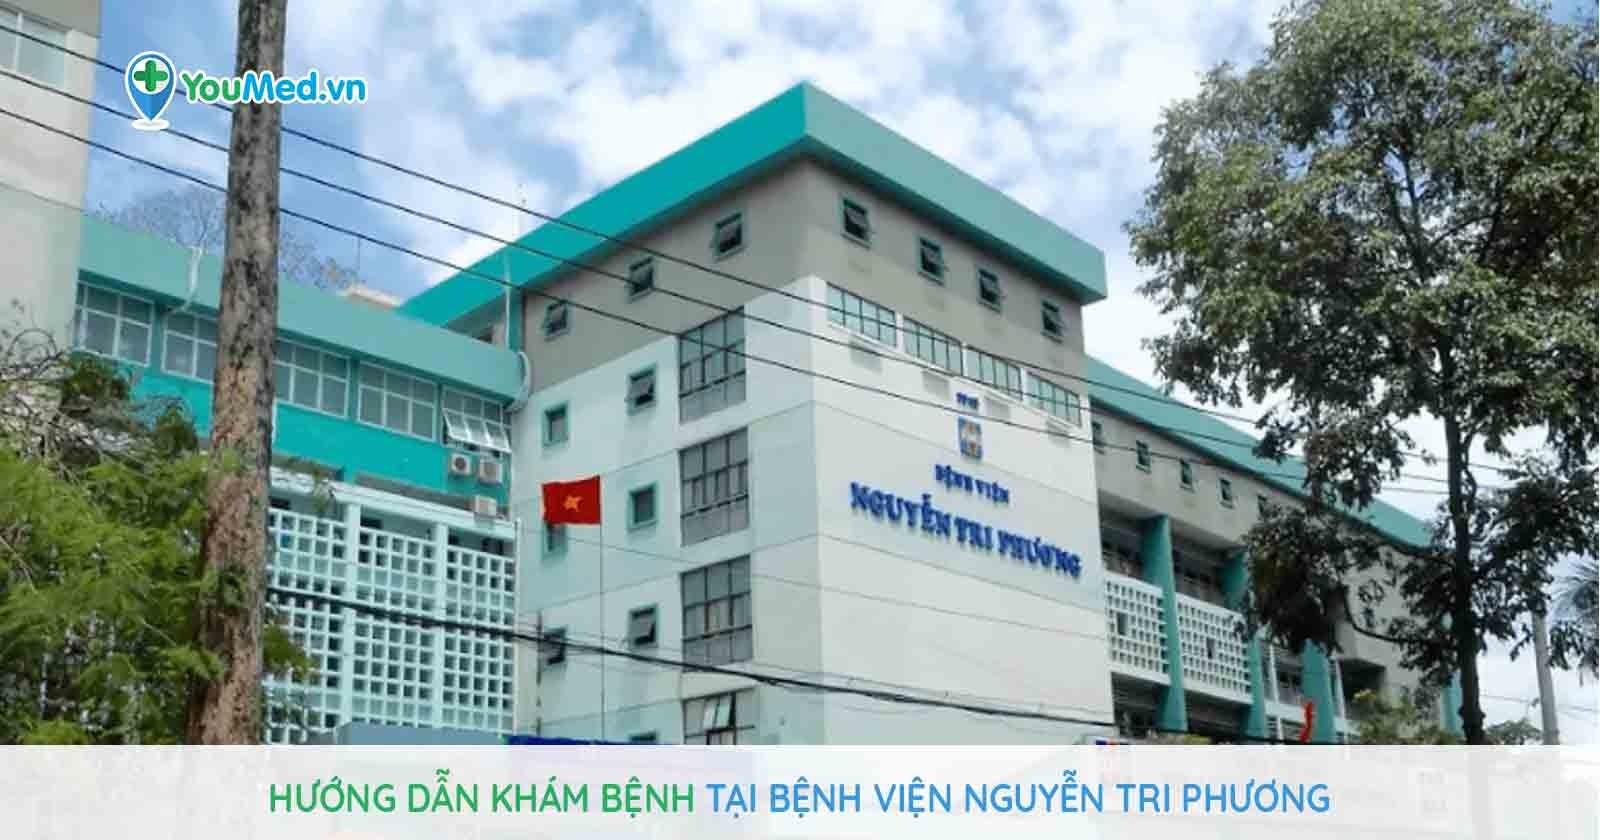 Hướng dẫn khám bệnh tại bệnh viện Nguyễn Tri Phương